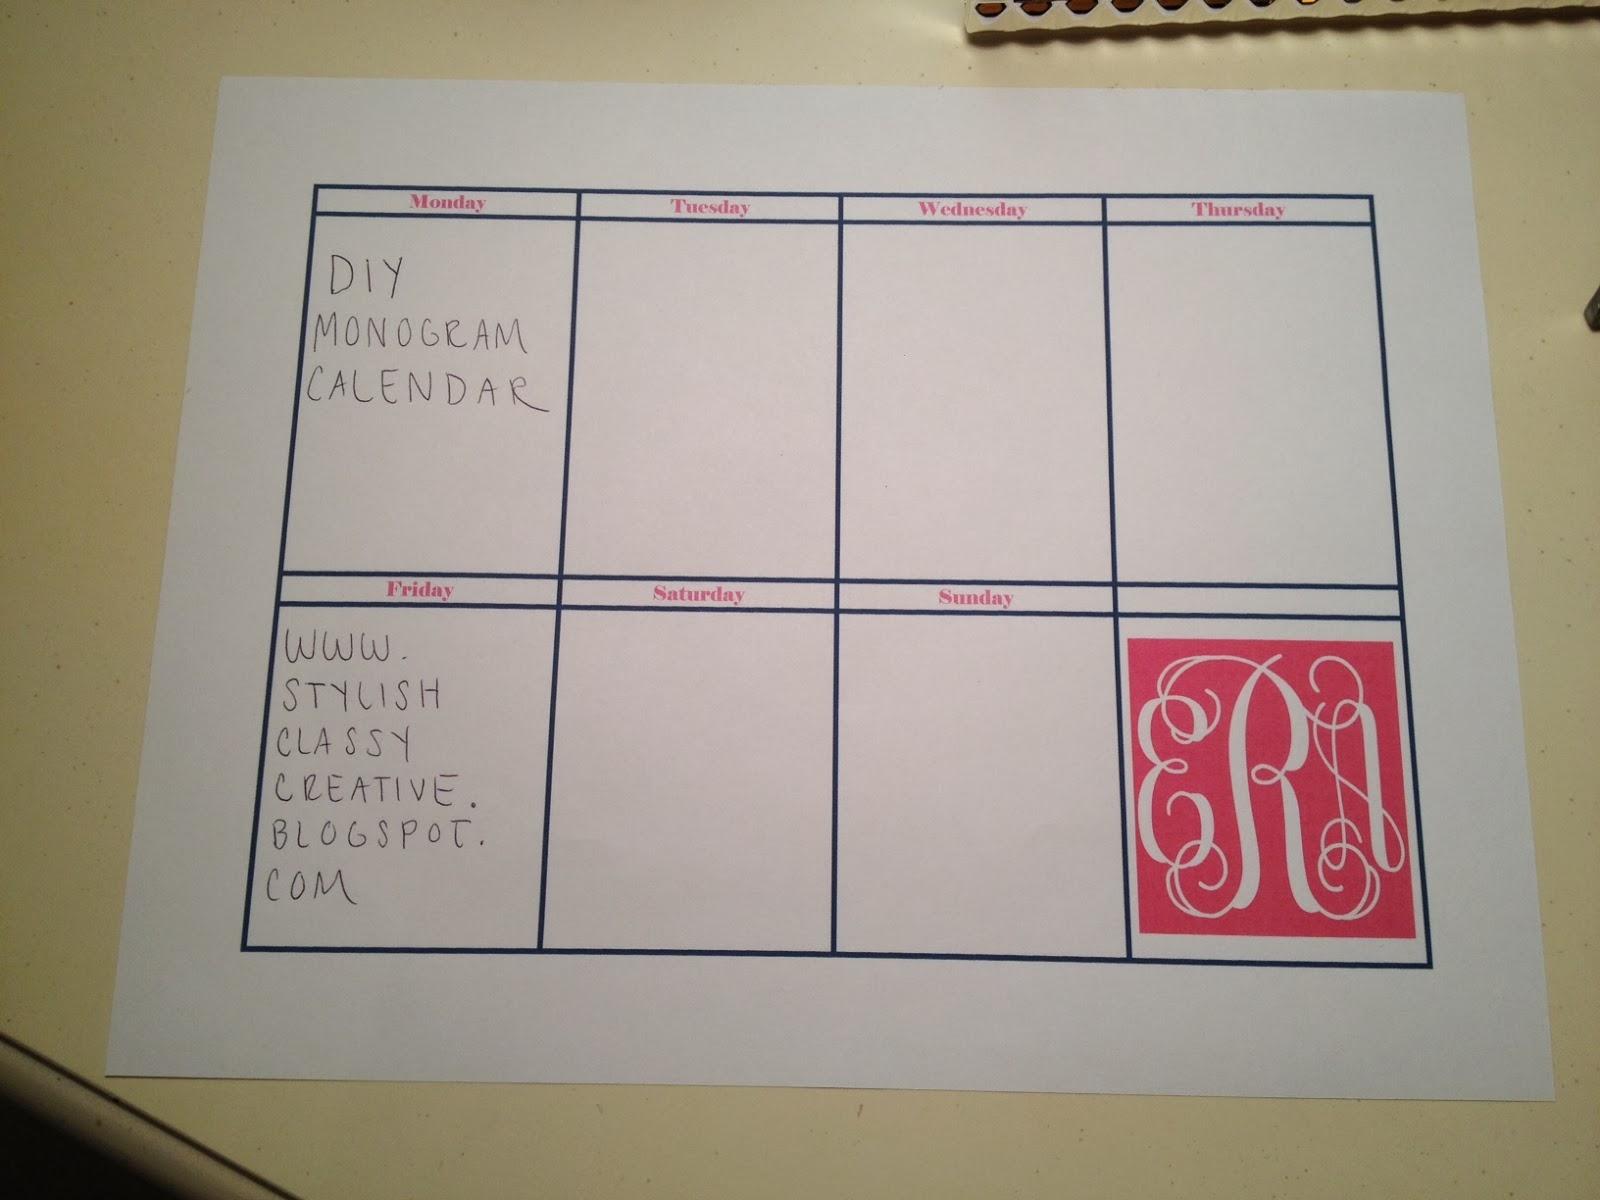 Diy Calendar On Word : Stylish classy creative diy monogrammed weekly calendar